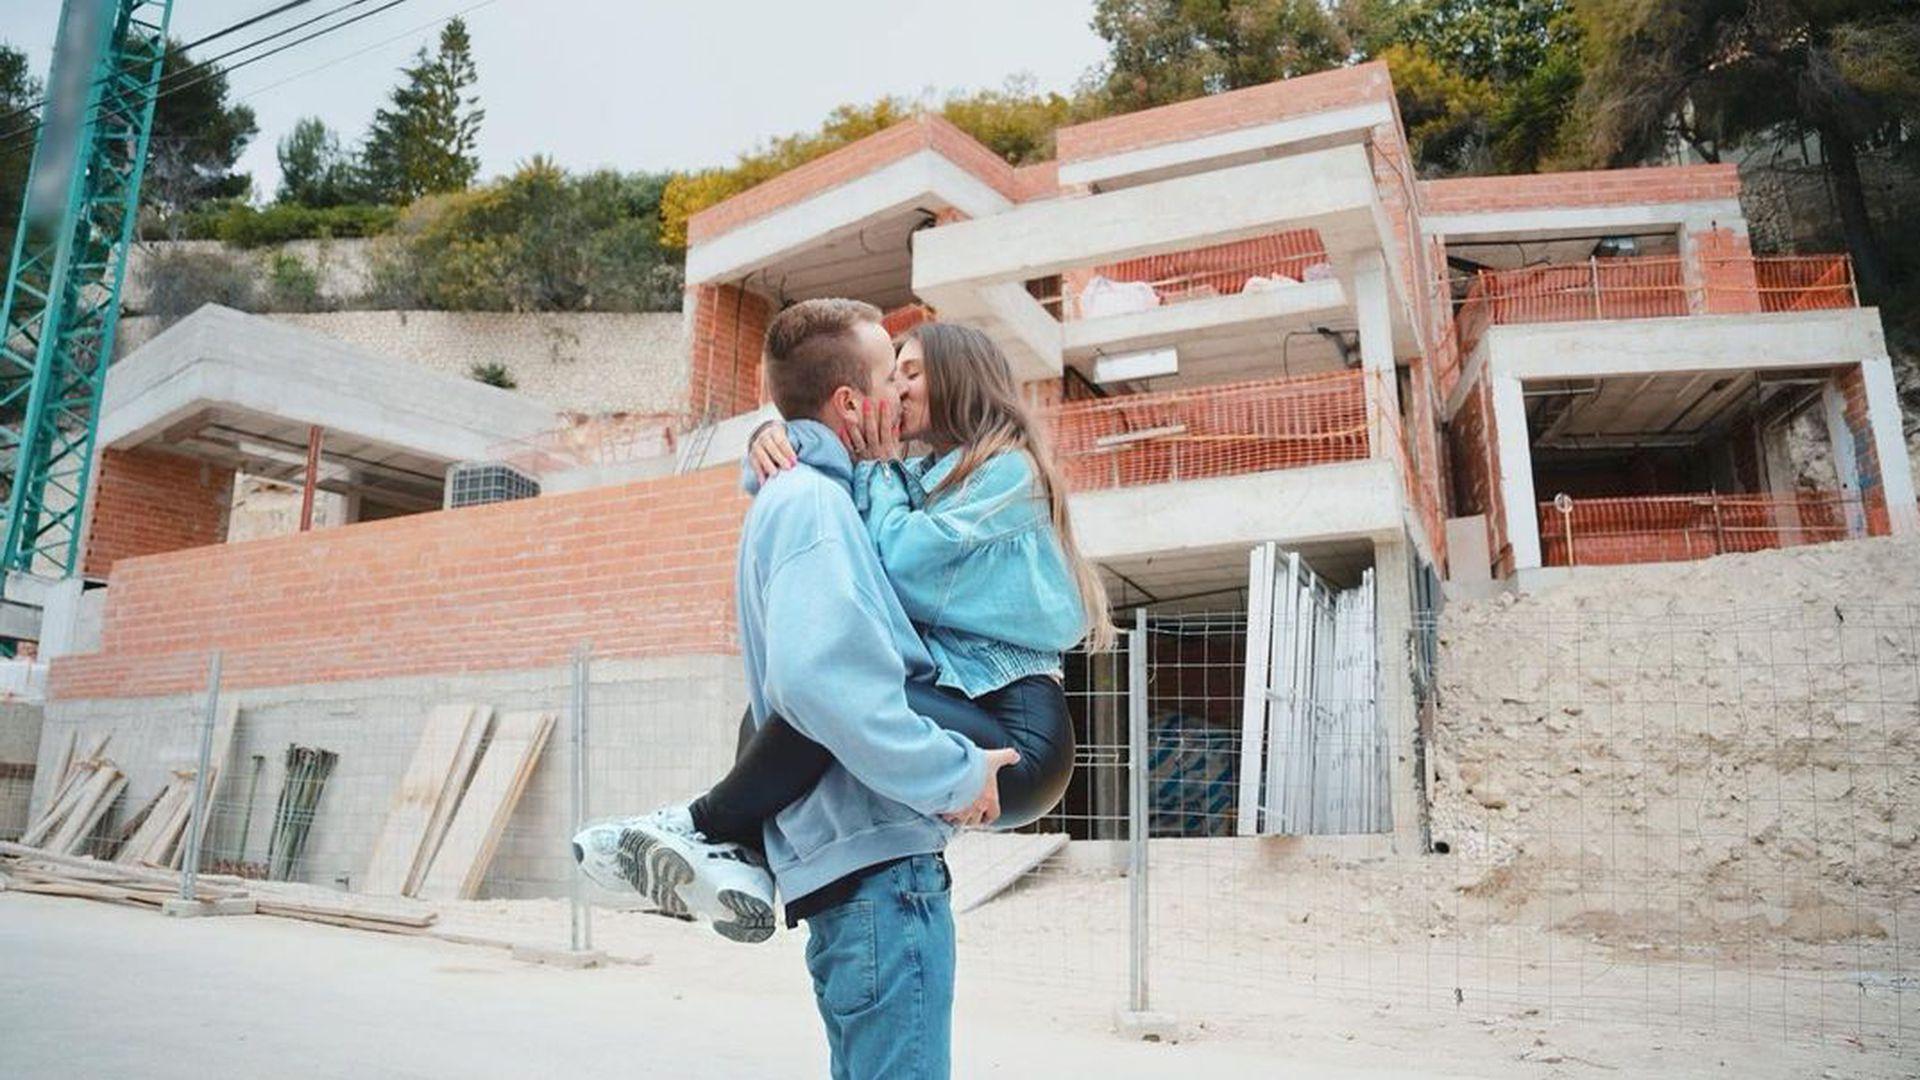 Ferienhaus-Details: Bibi und Julian Claßen bauen sechs Bäder - Promiflash.de